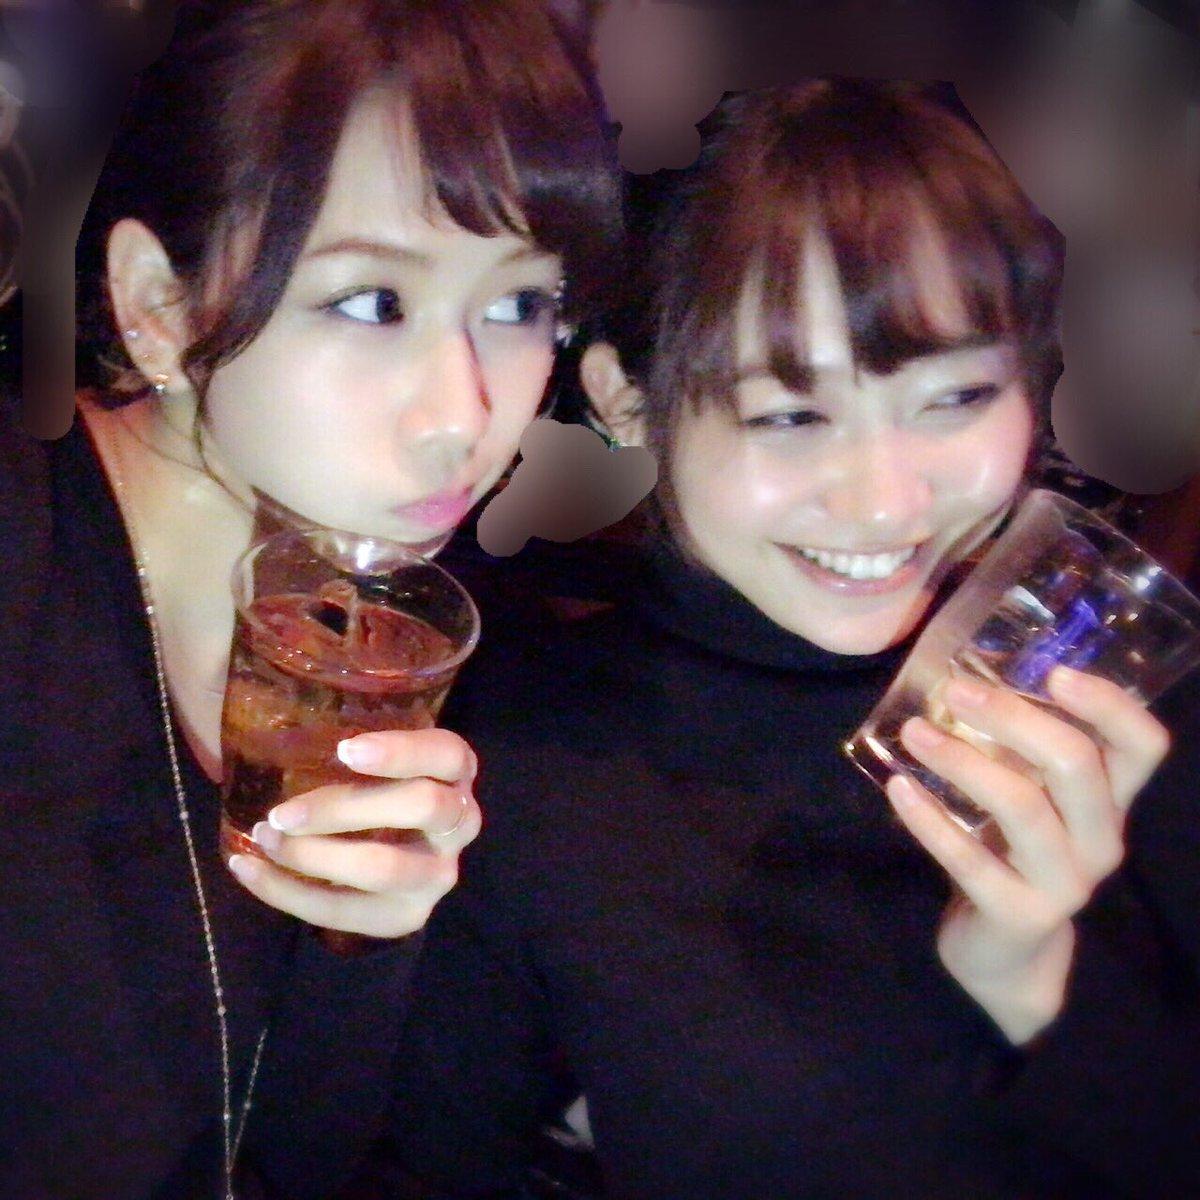 久冨のけいちゃんと、飲んでました🙆 Mステまで飲まないって決めてたから、 ひっっさびさに飲みました。…